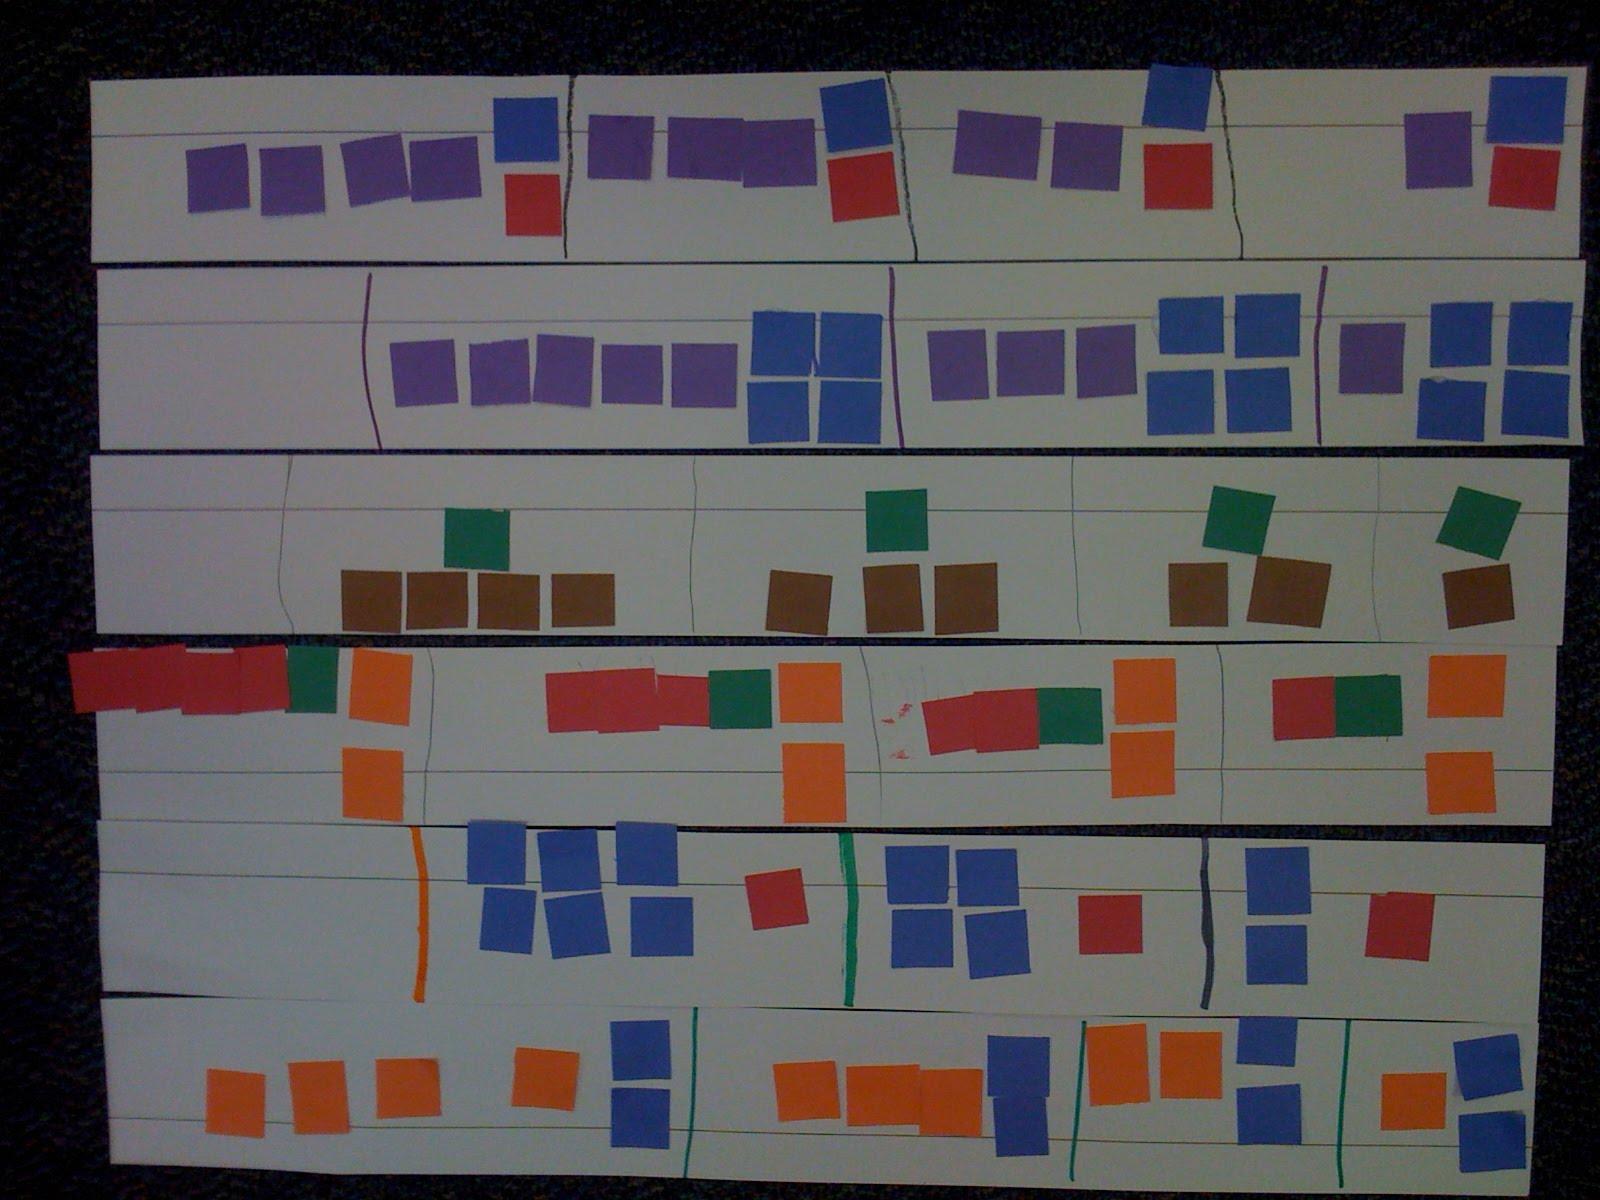 additive pattern worksheets for 1st grade. Black Bedroom Furniture Sets. Home Design Ideas